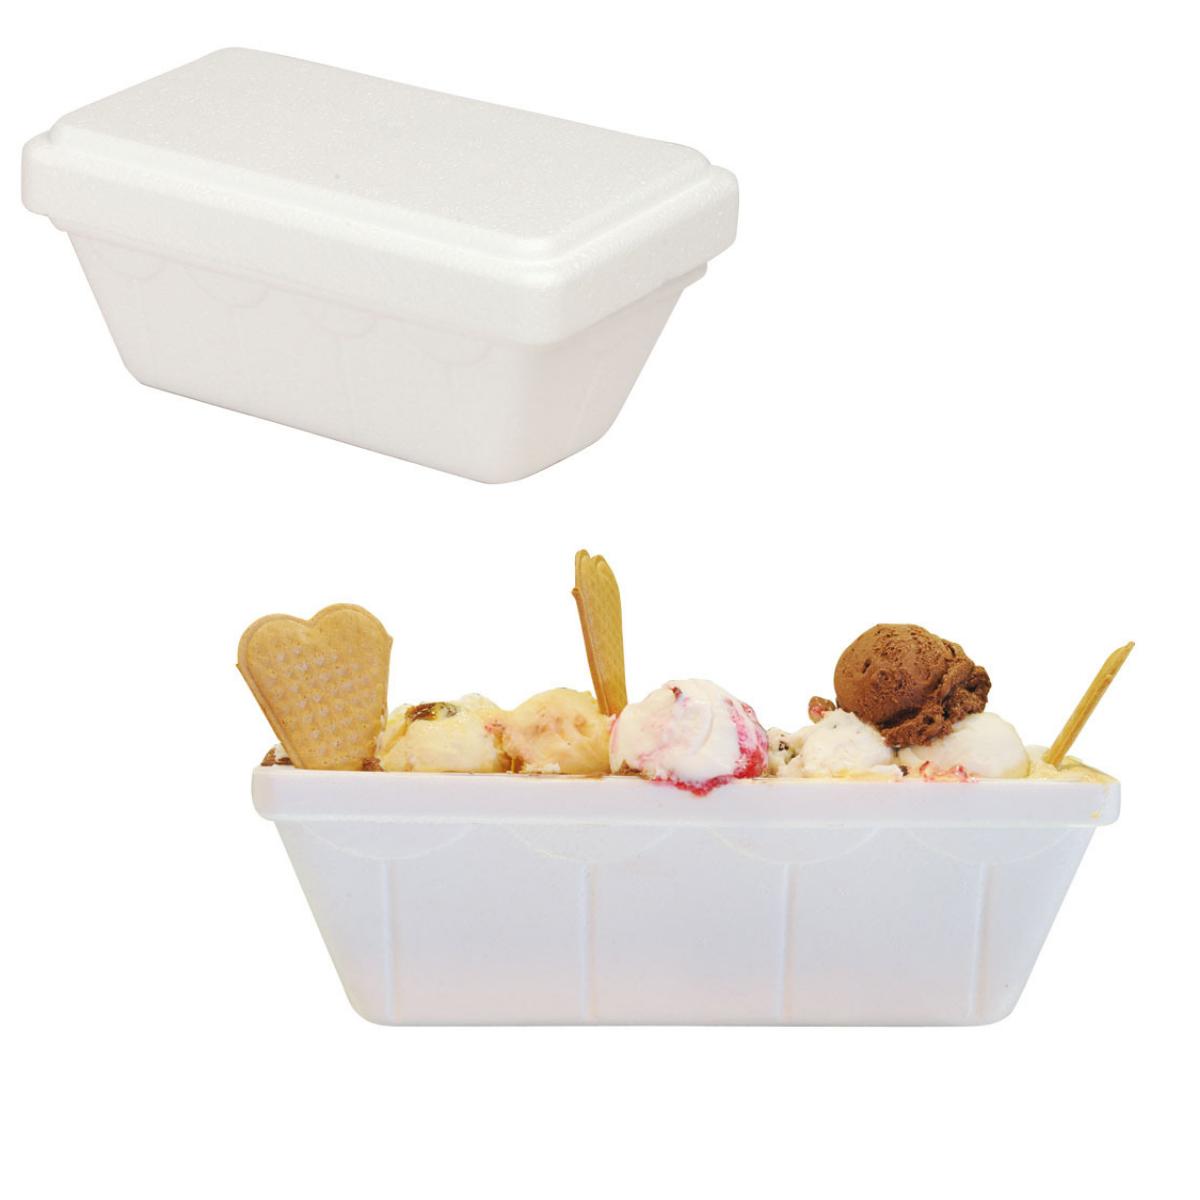 vaschette-rolo-gelato-gruppo